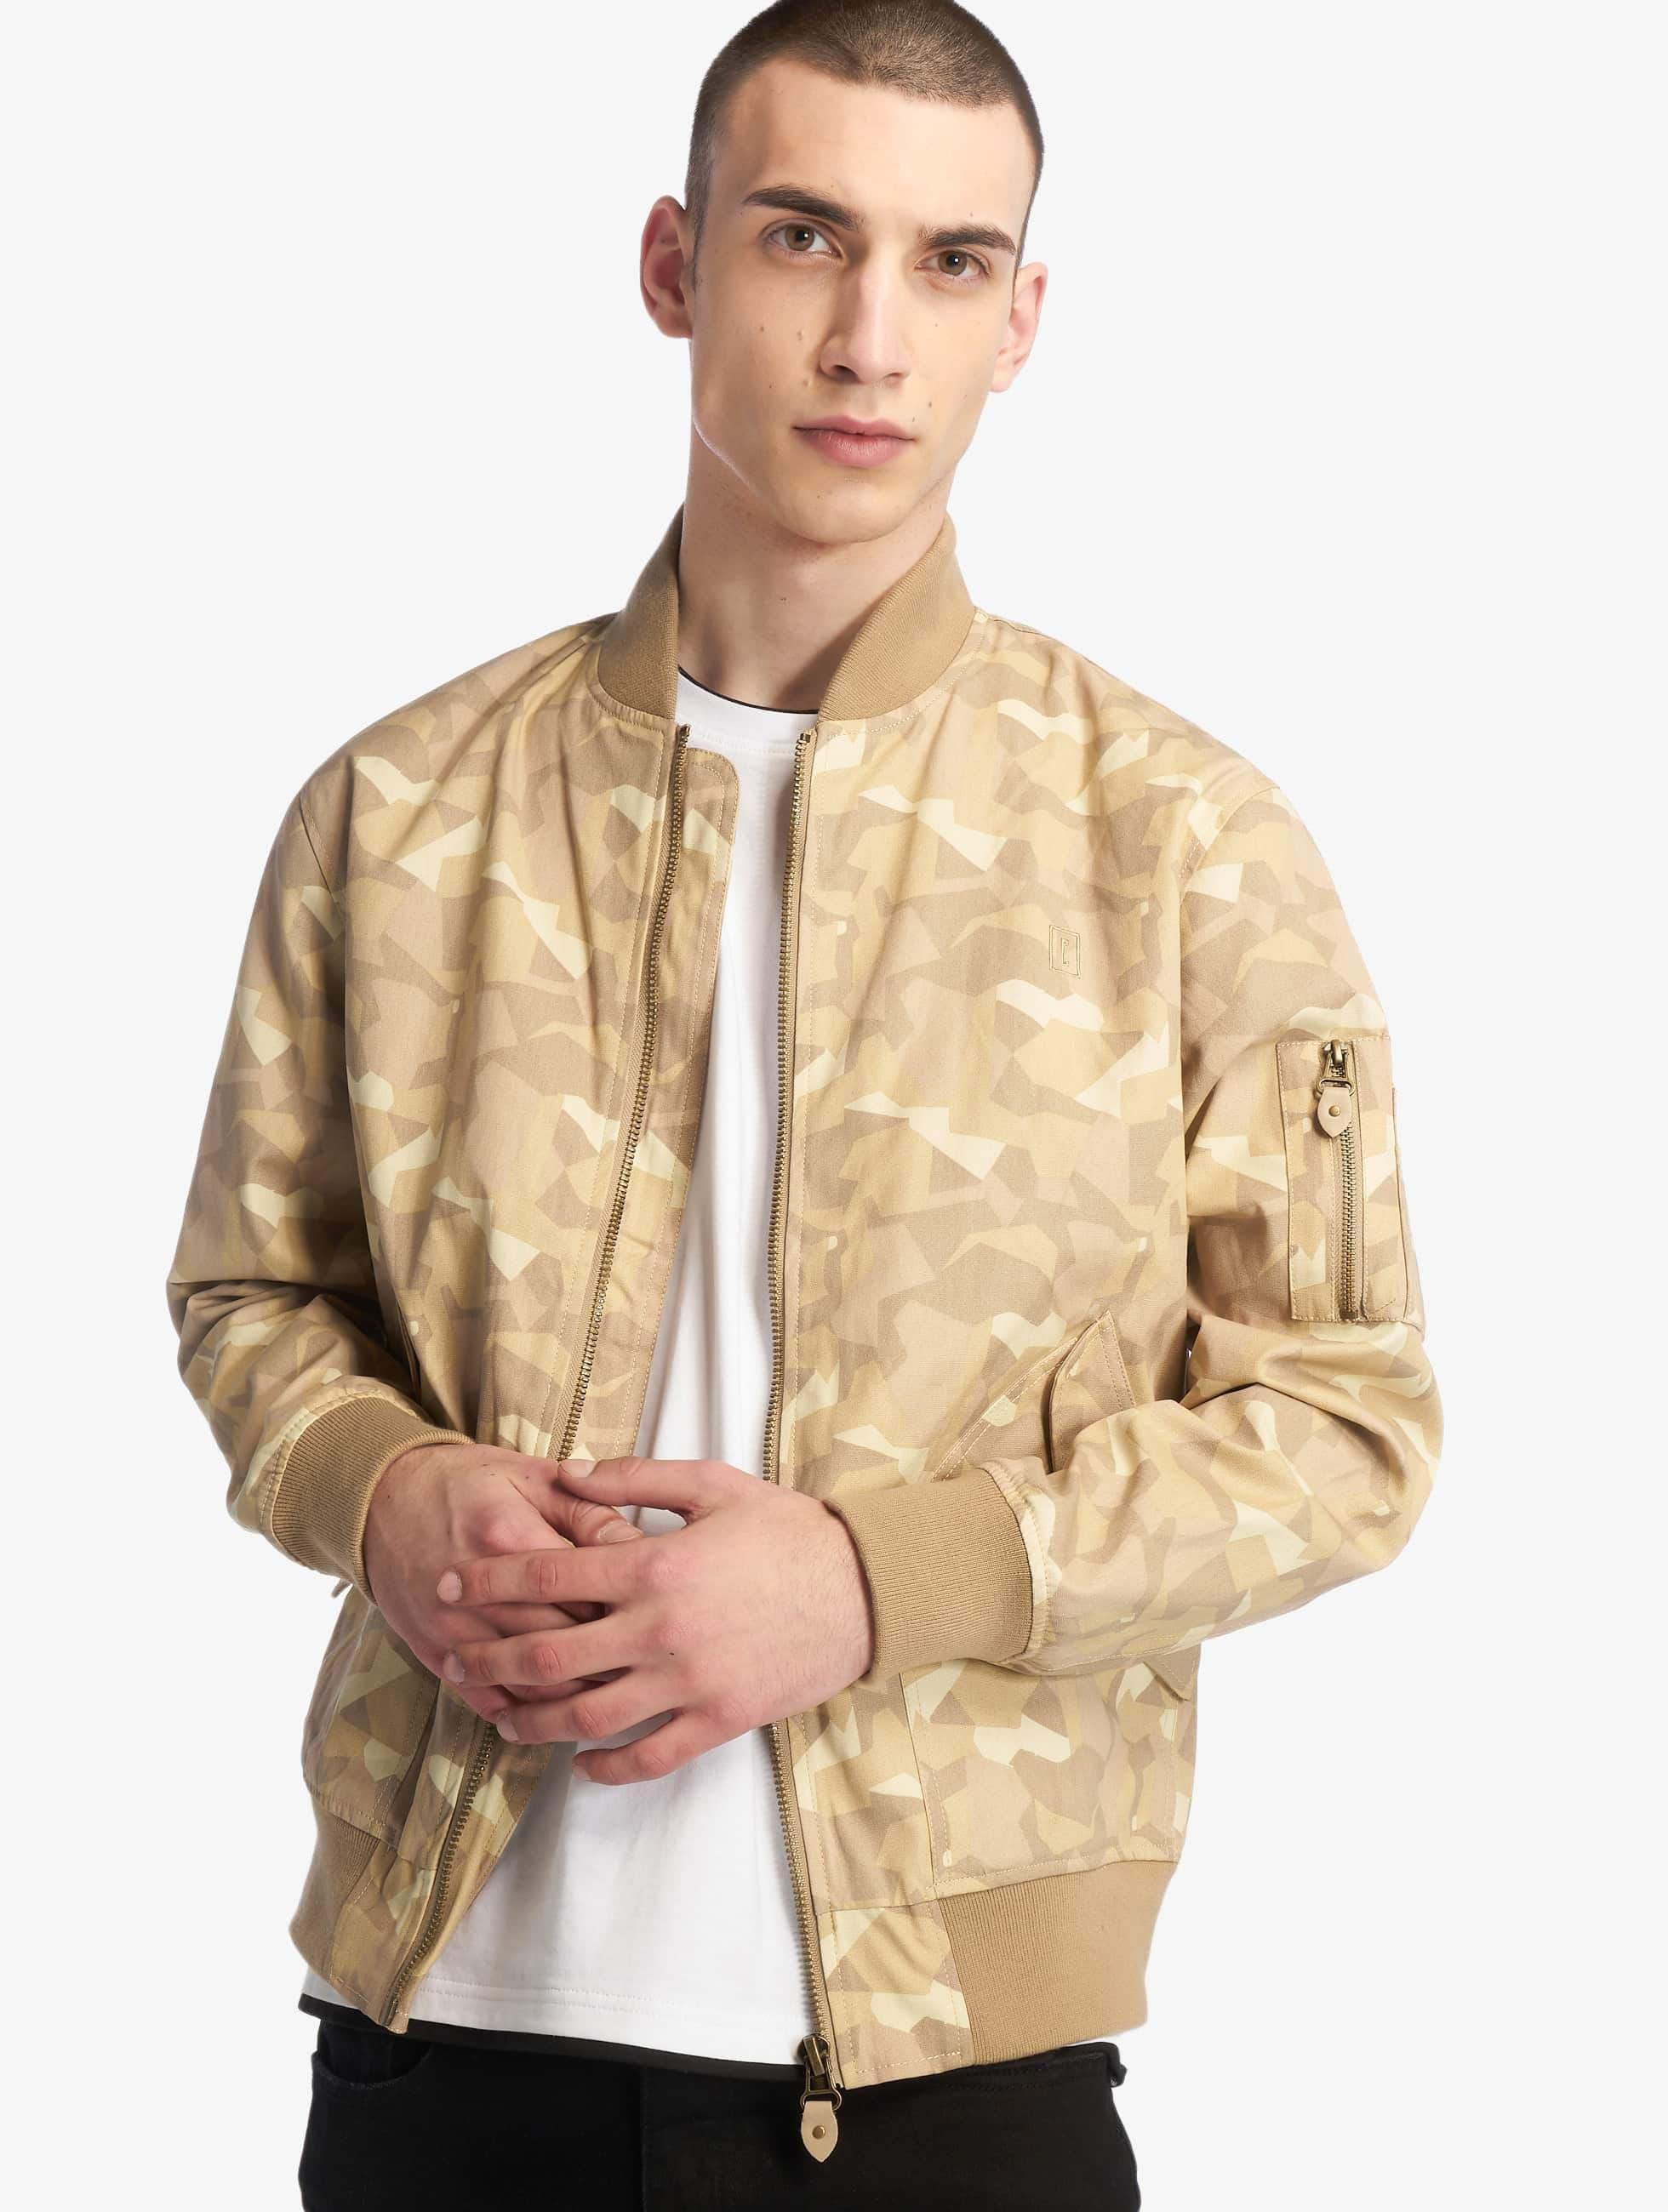 Cyprime / Bomber jacket Bomberjacket Obsidian in beige M